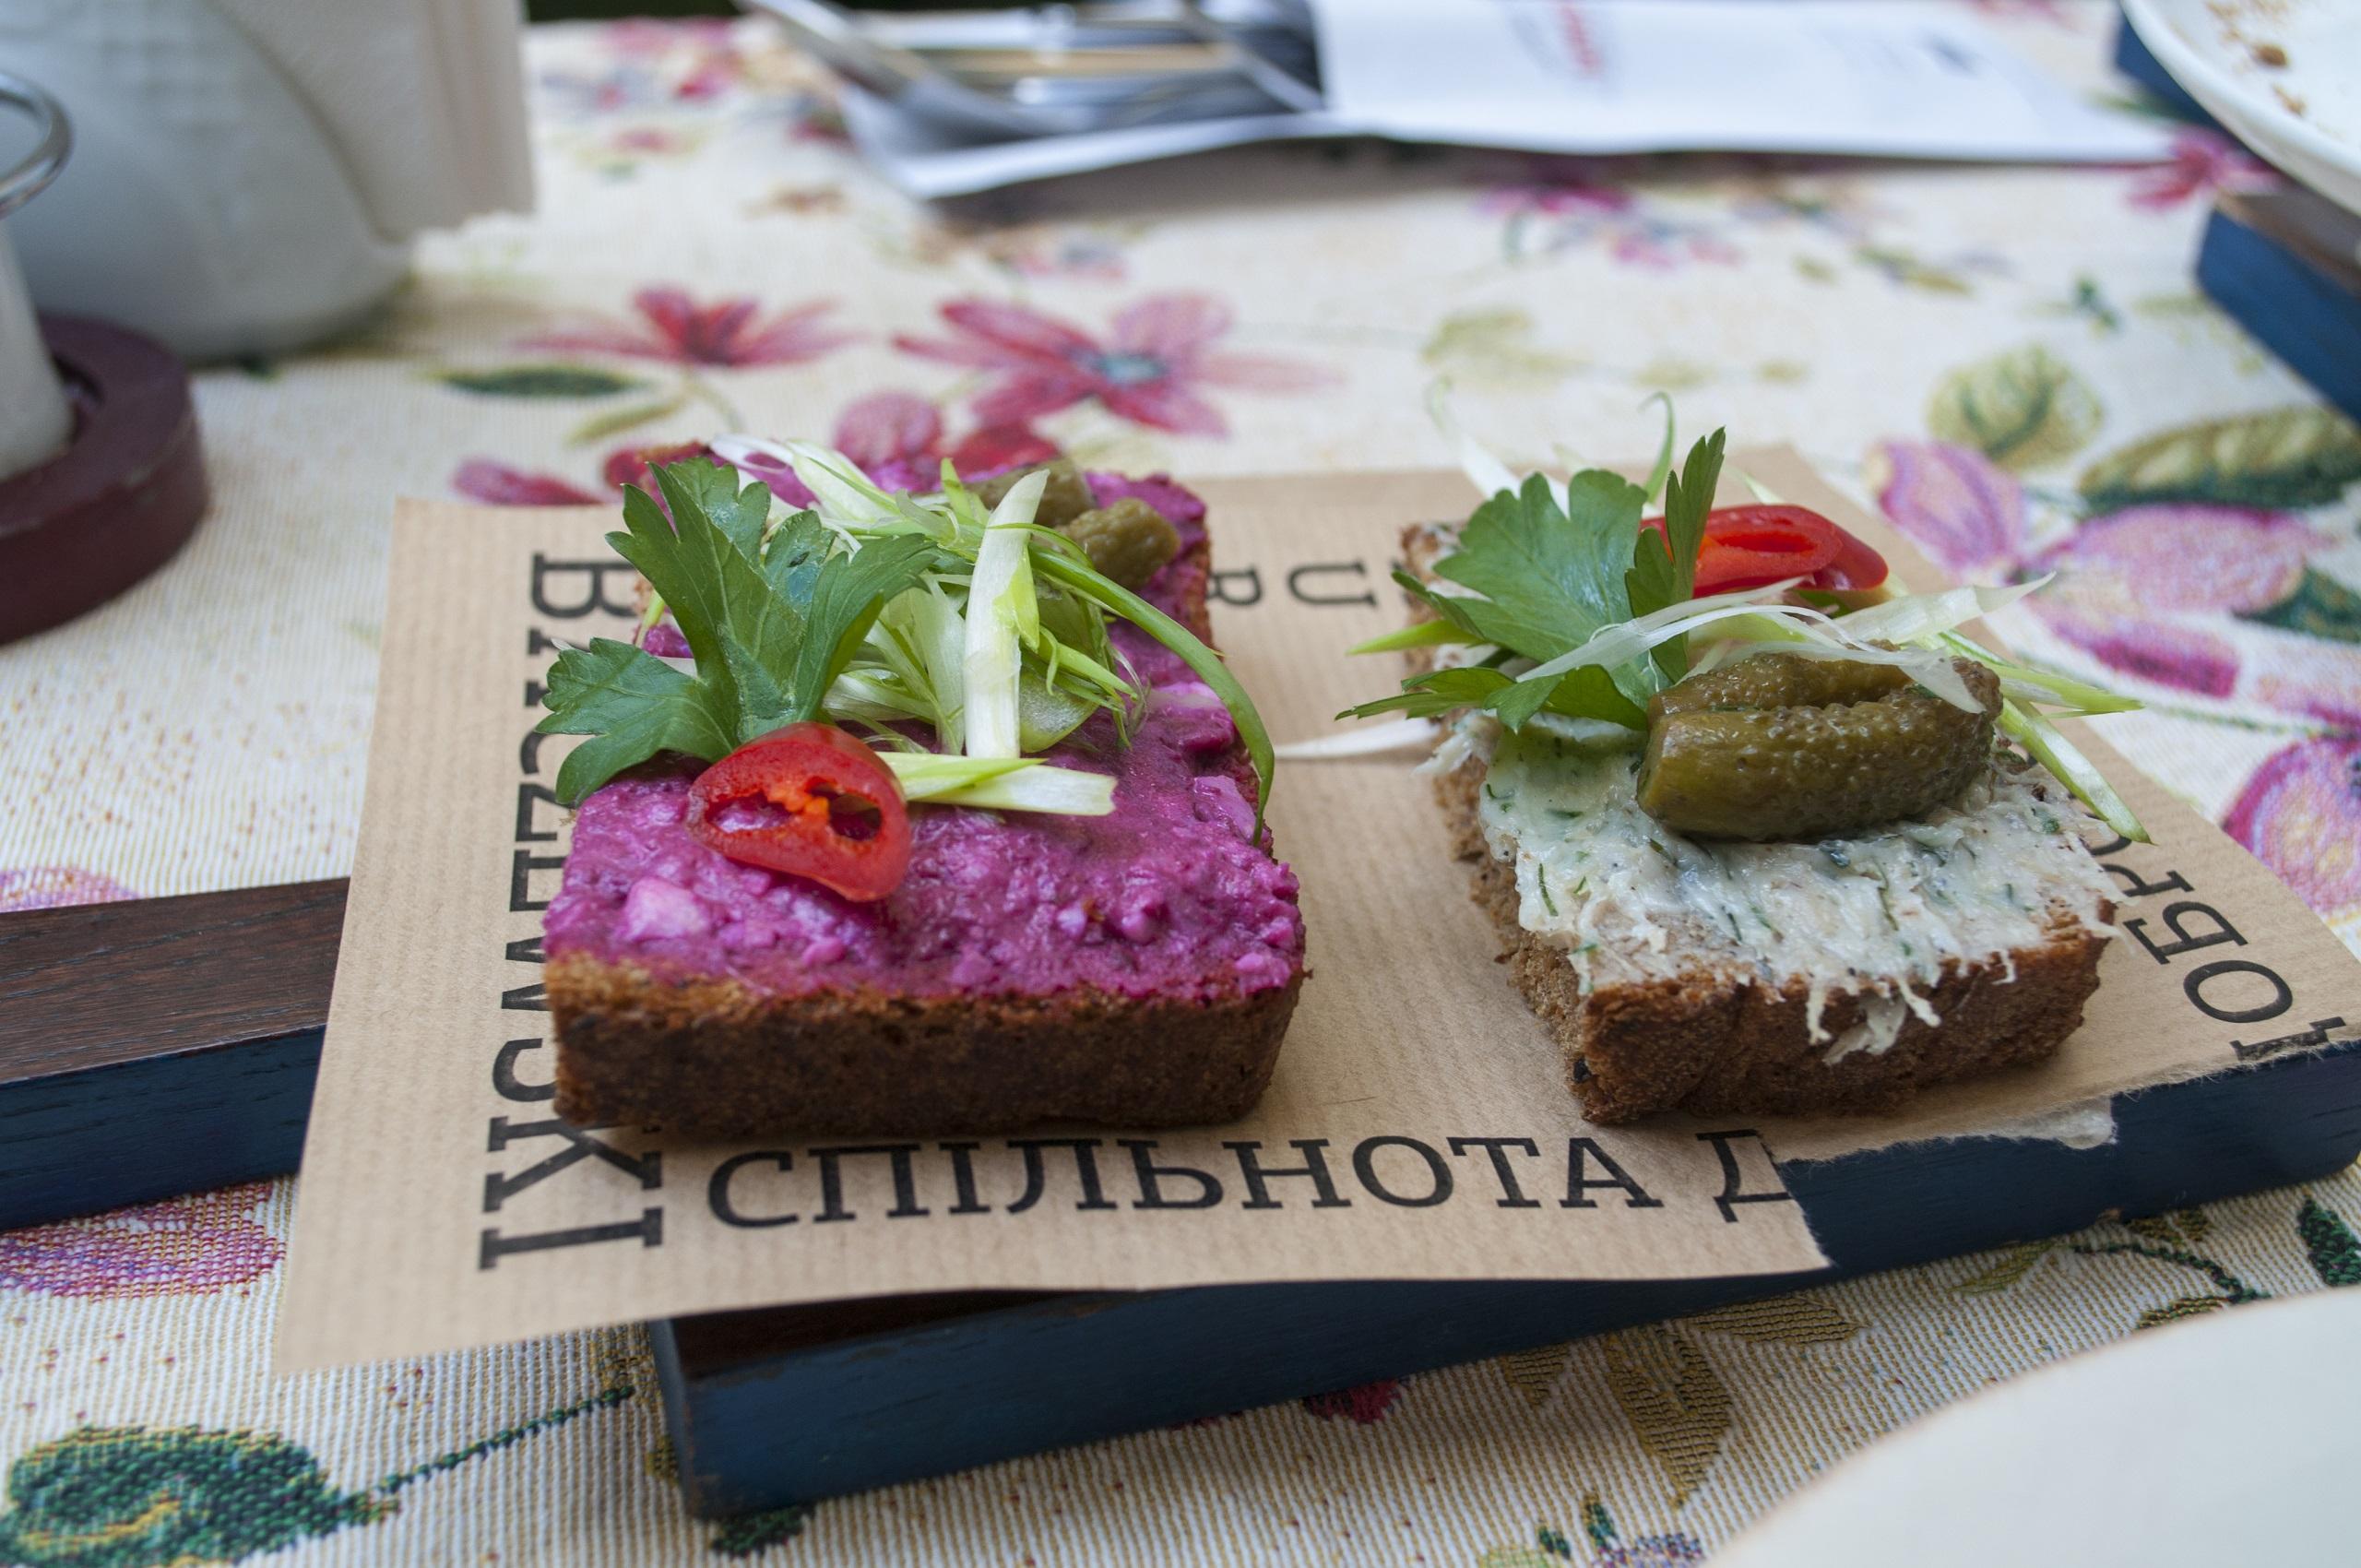 Kuchnia ukraińska - kuchnie świata. Autorzy zdjęcia: Ania i Michał z Petrykivka